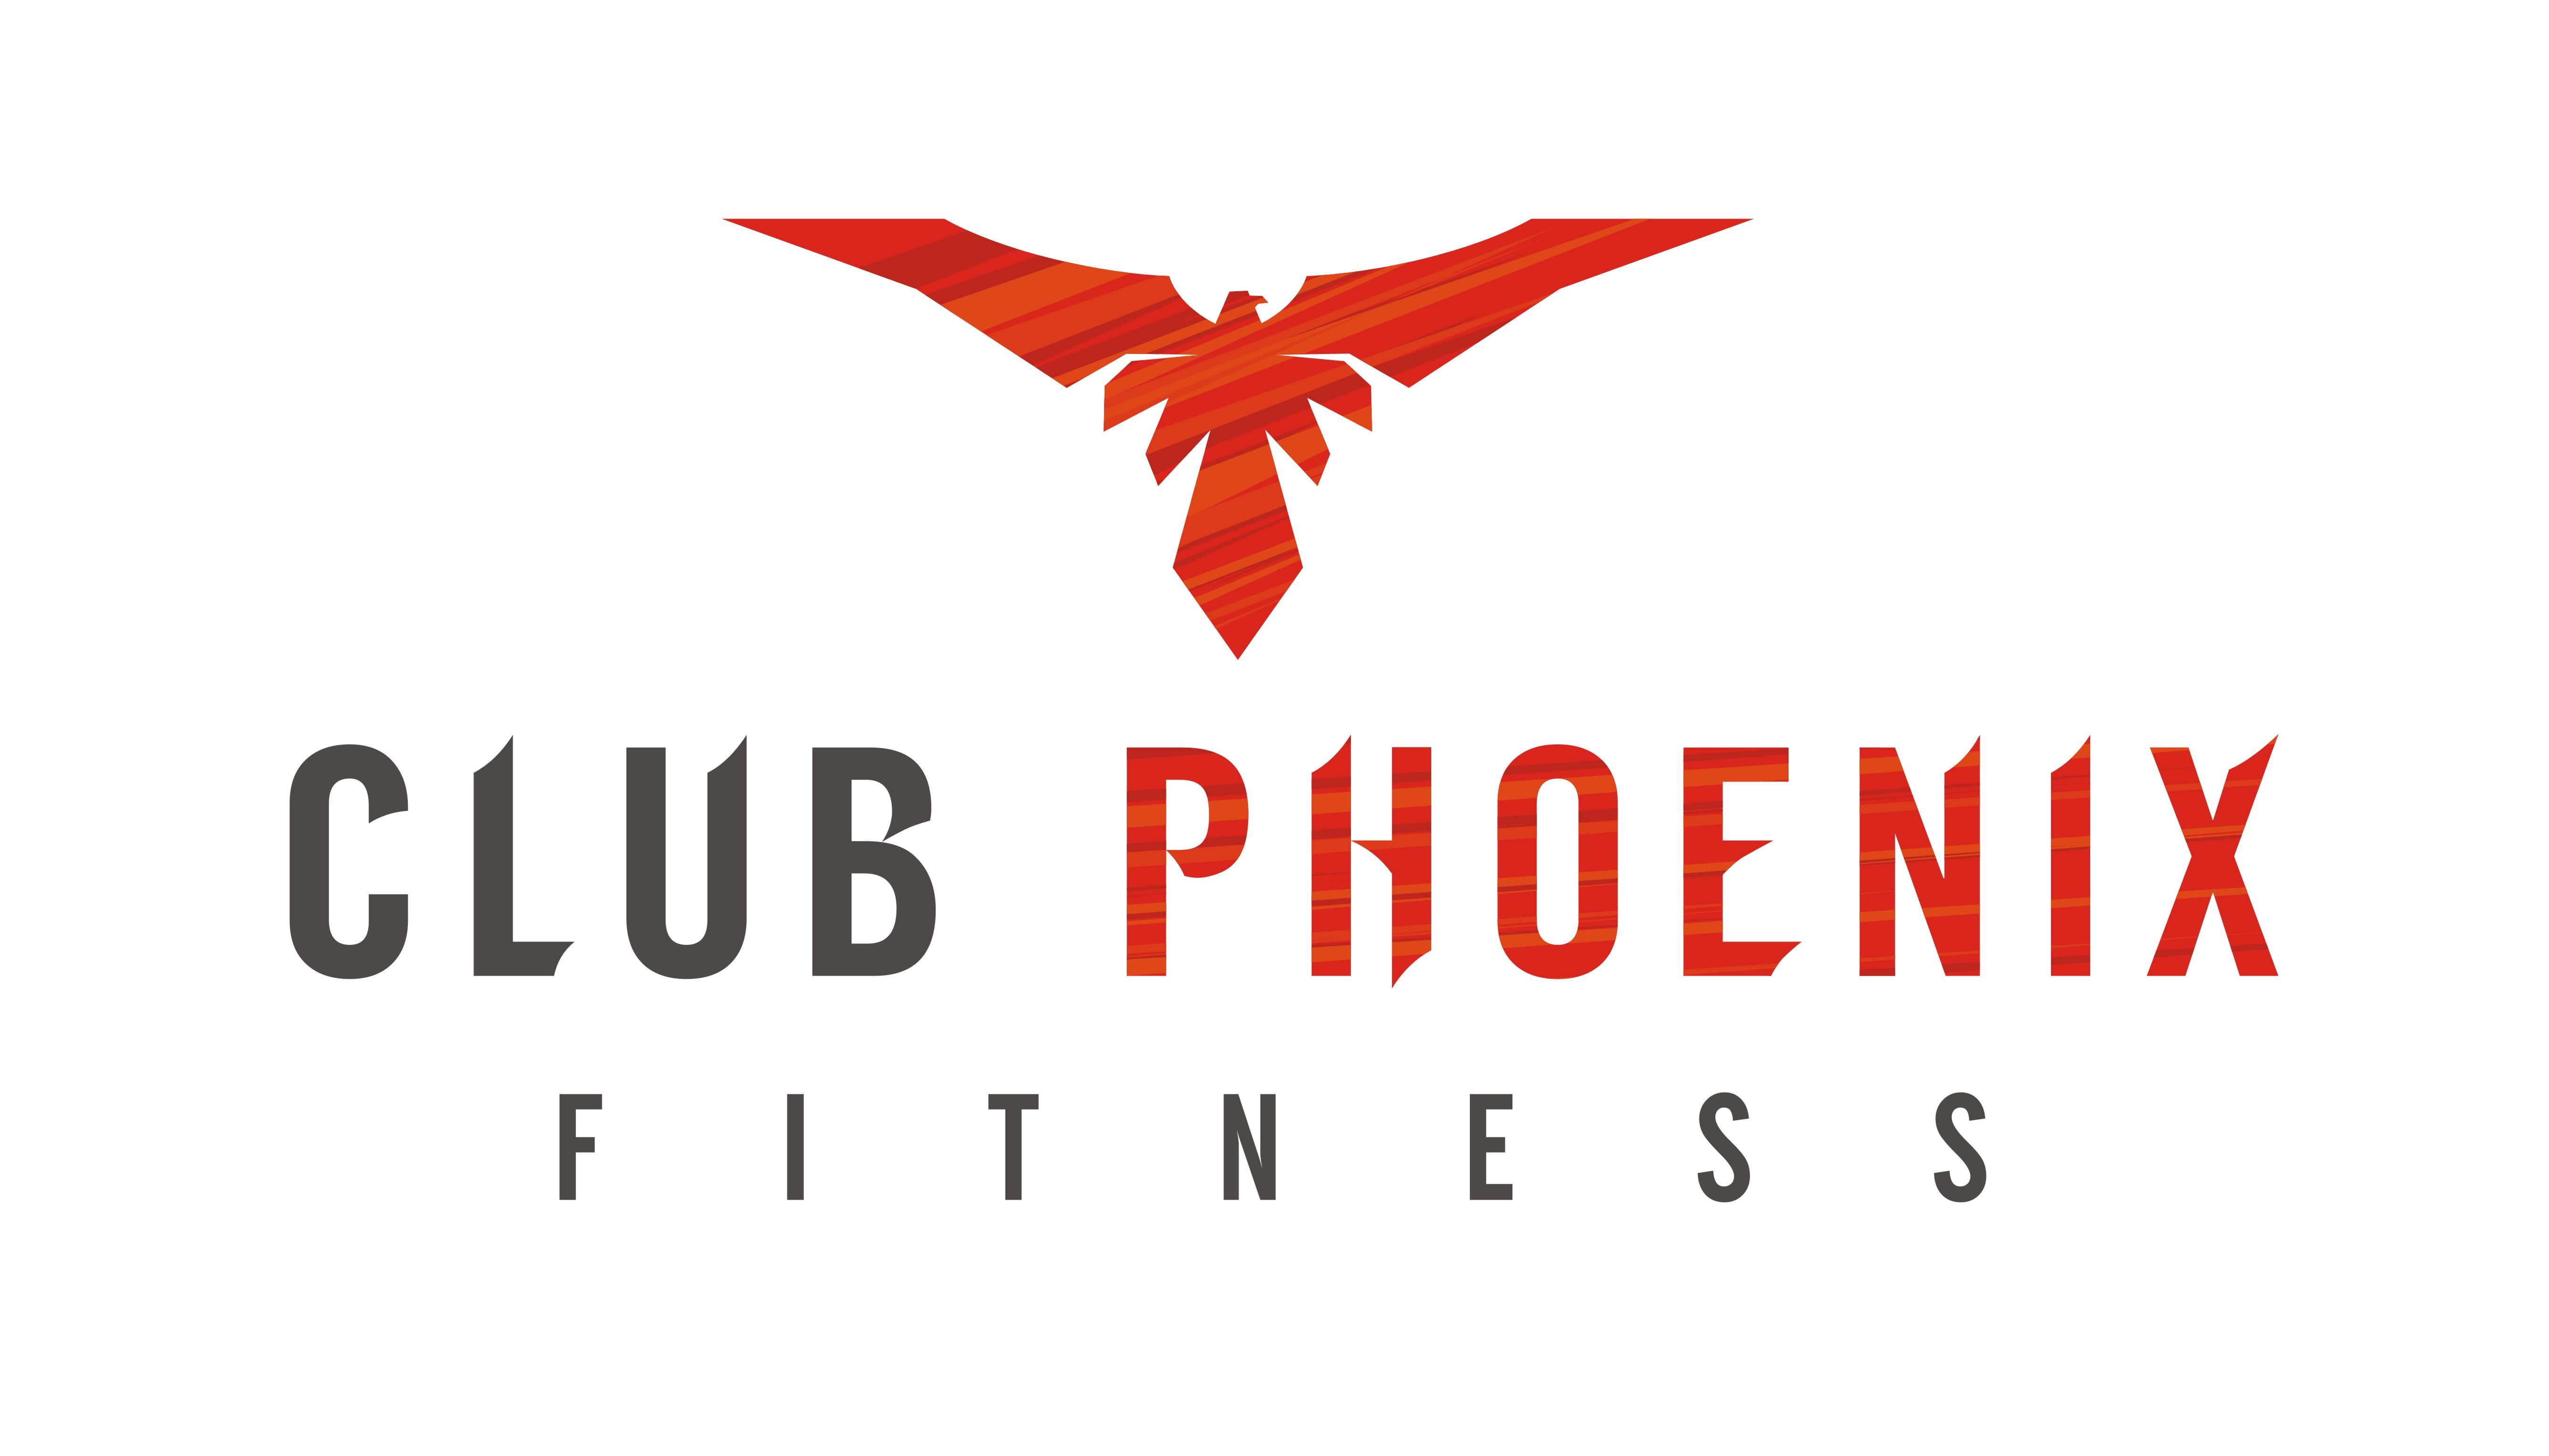 Club Phoenix Fitness